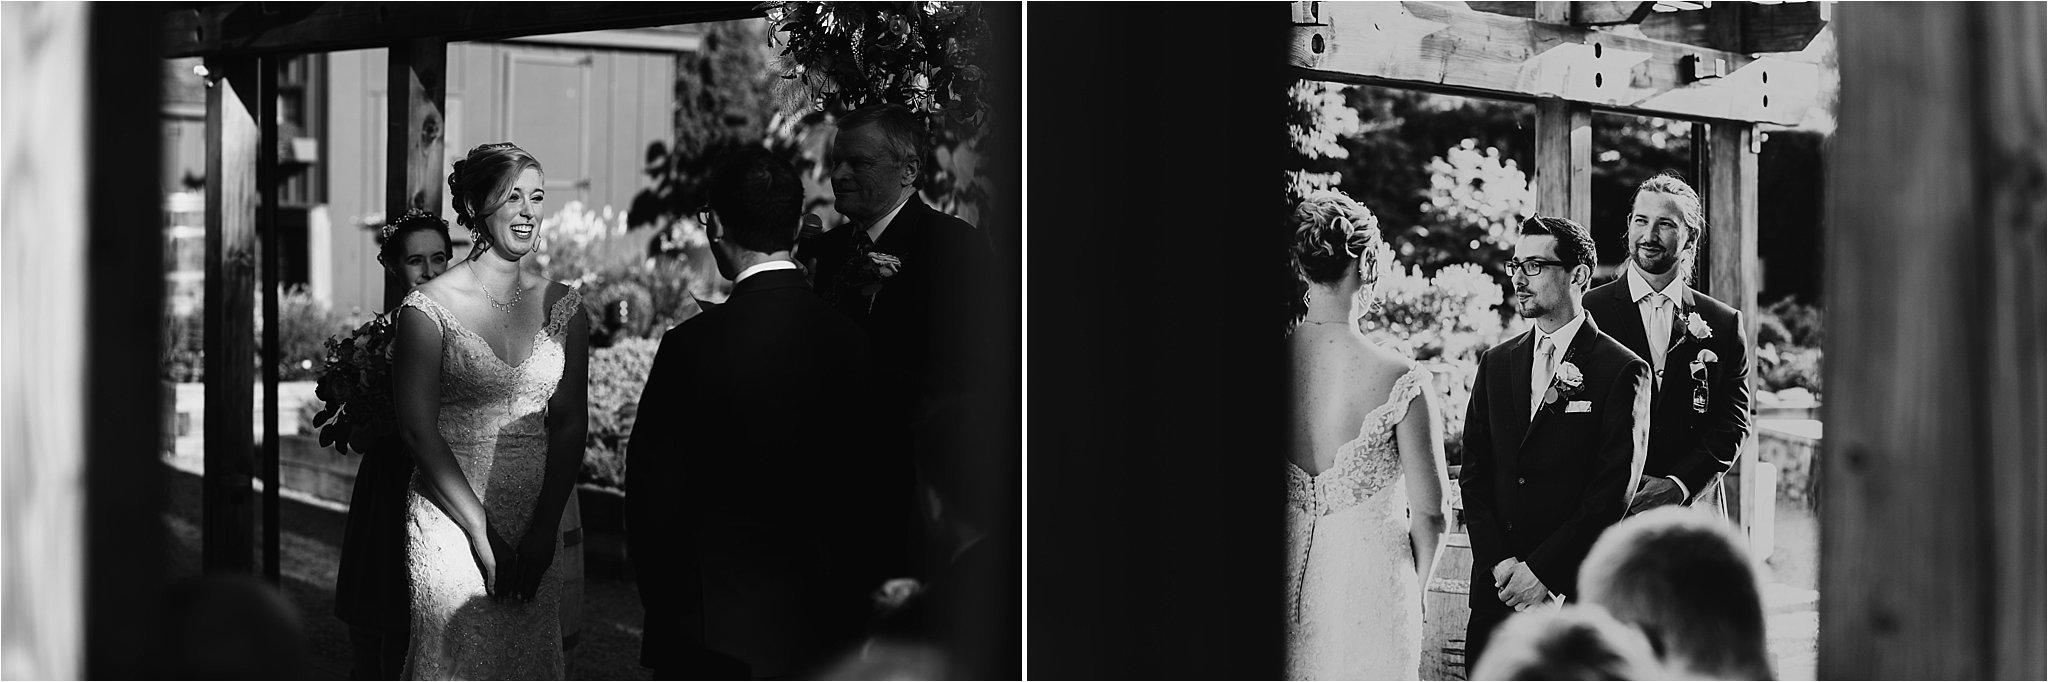 willows-lodge-ann-eric-wedding31.jpg